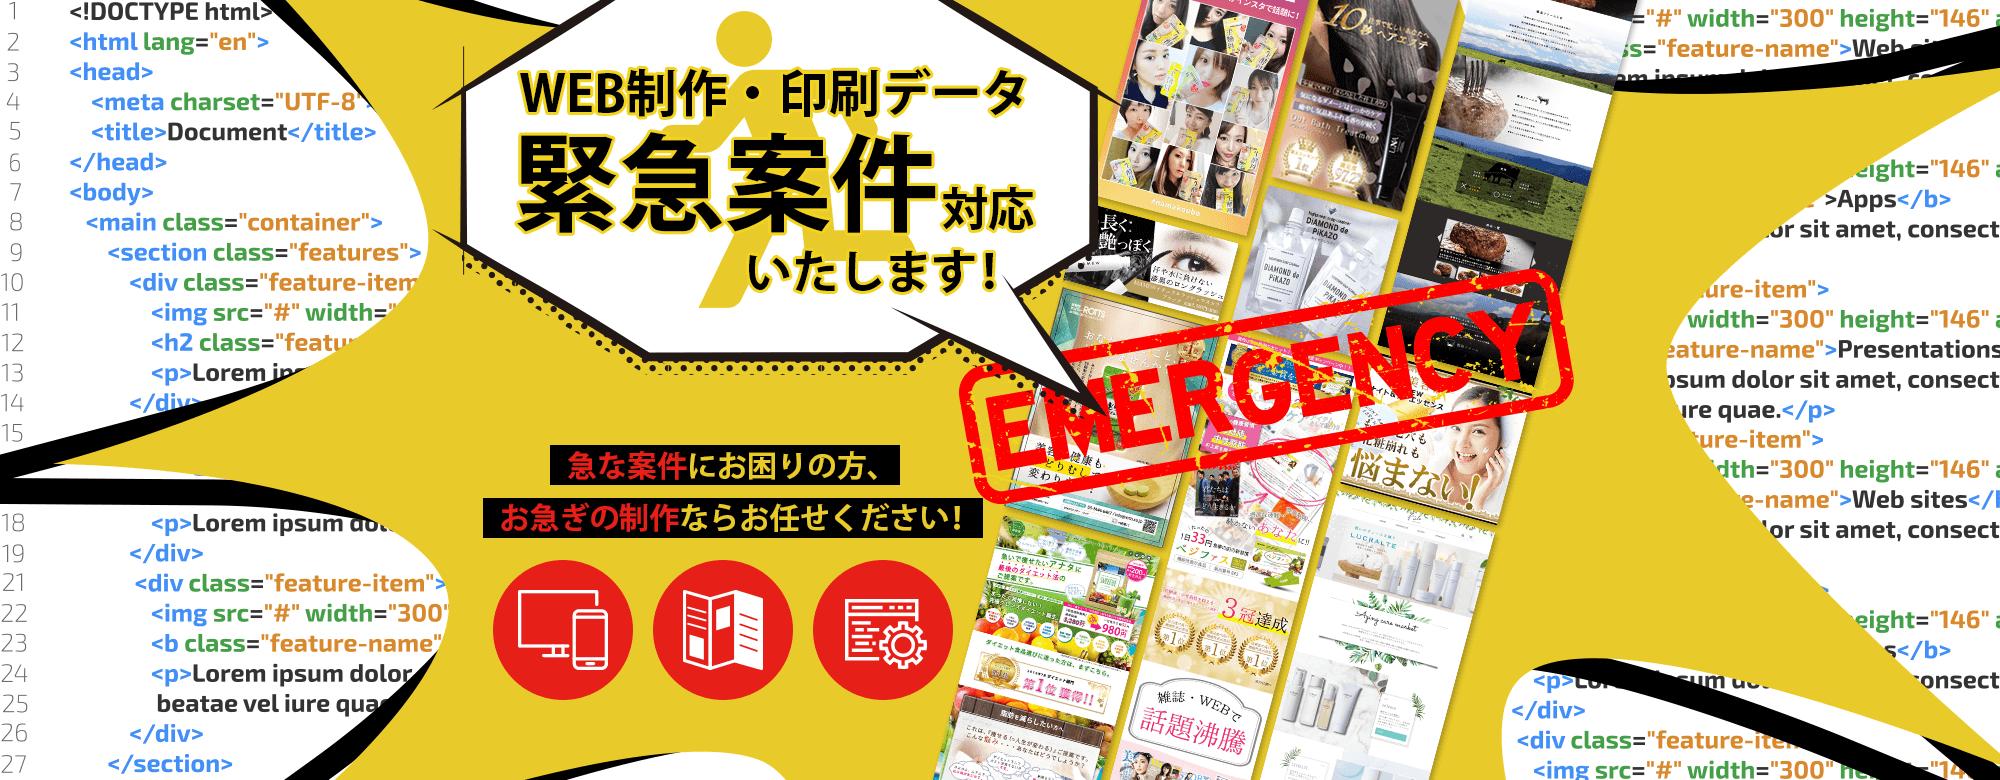 緊急案件対応 LP制作 HP制作 WEB制作 渋谷 レジット